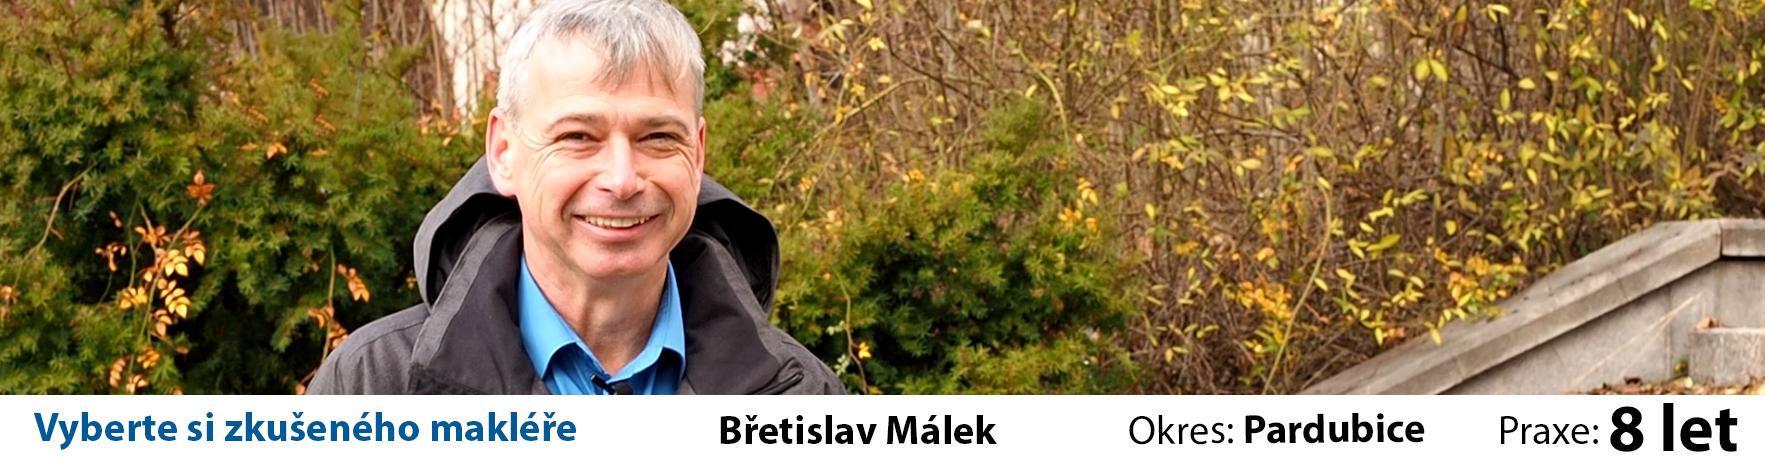 Kontakty Pardubice Málek